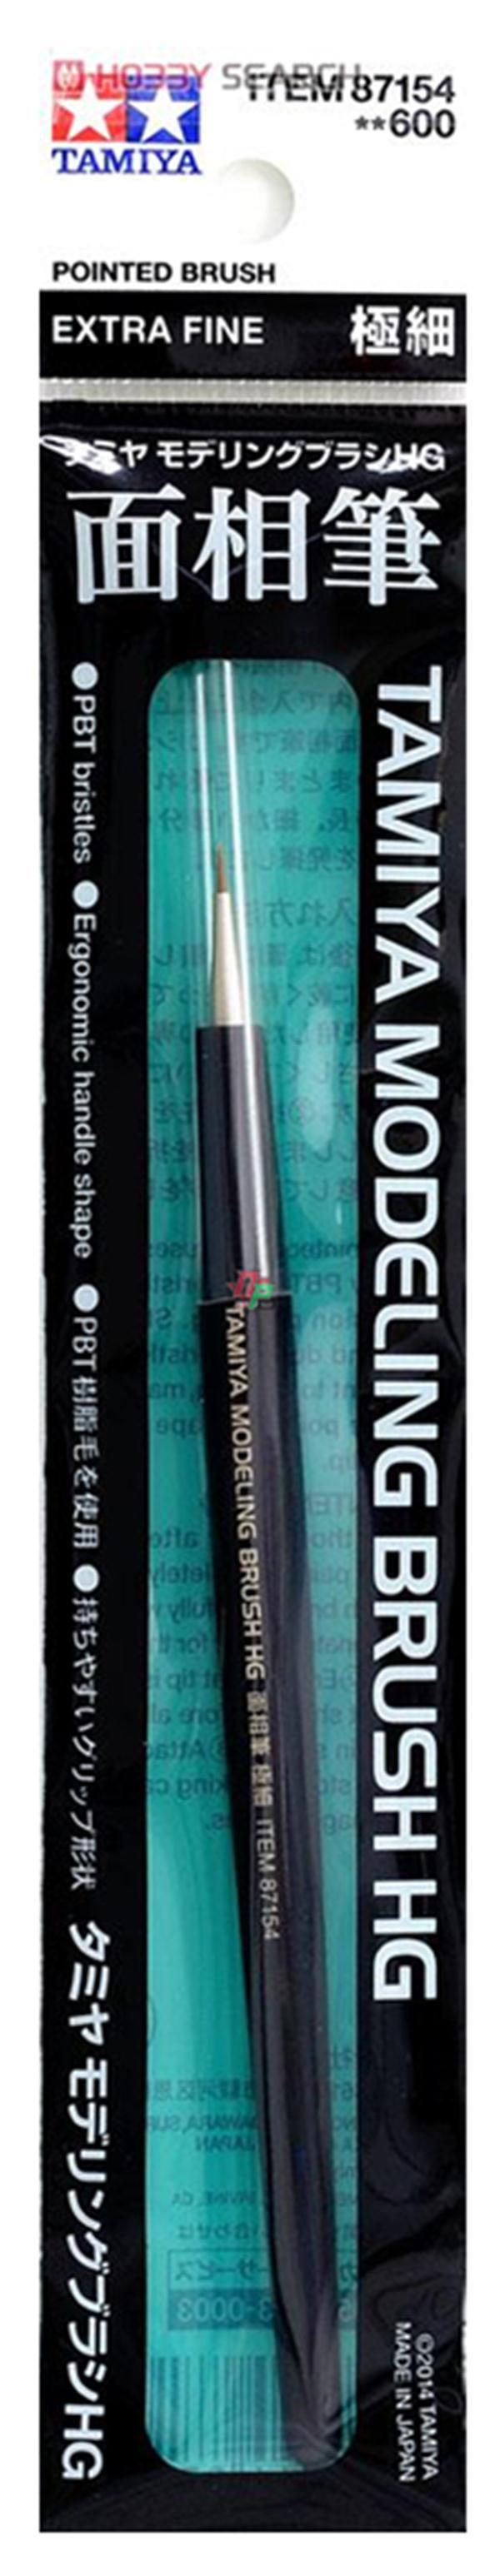 Made in Japan 87153 87154 87155 87156 TAMIYA Modeling Brush HG Set